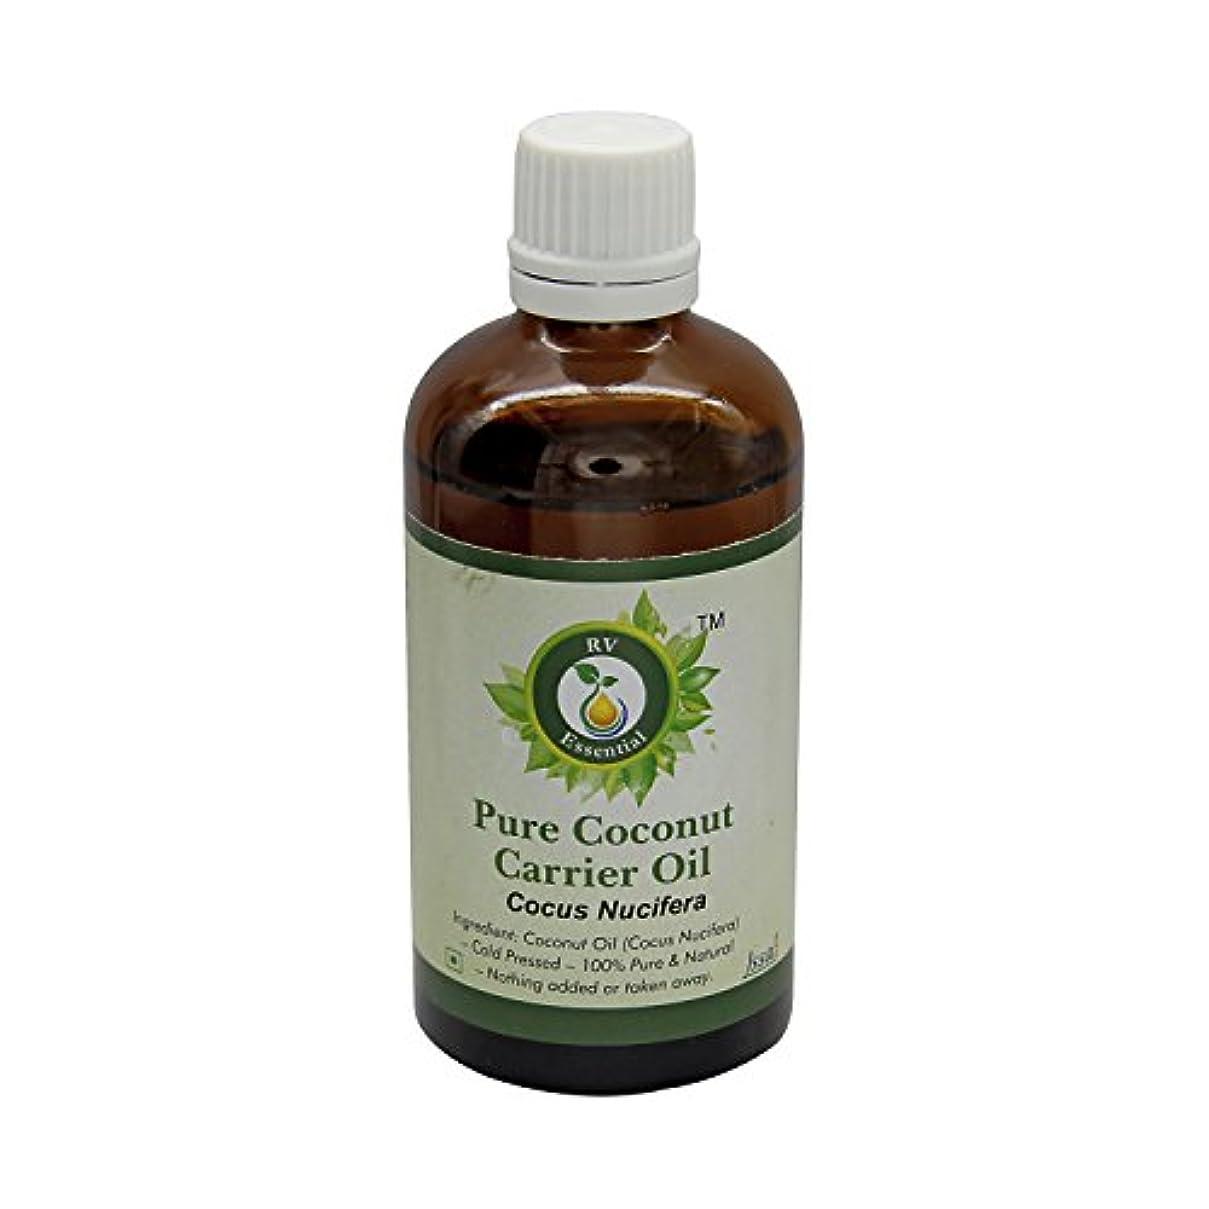 資格魔術まつげR V Essential 純粋なココナッツキャリアオイル15ml (0.507oz)- Cocus Nucifera (100%ピュア&ナチュラルコールドPressed) Pure Coconut Carrier Oil